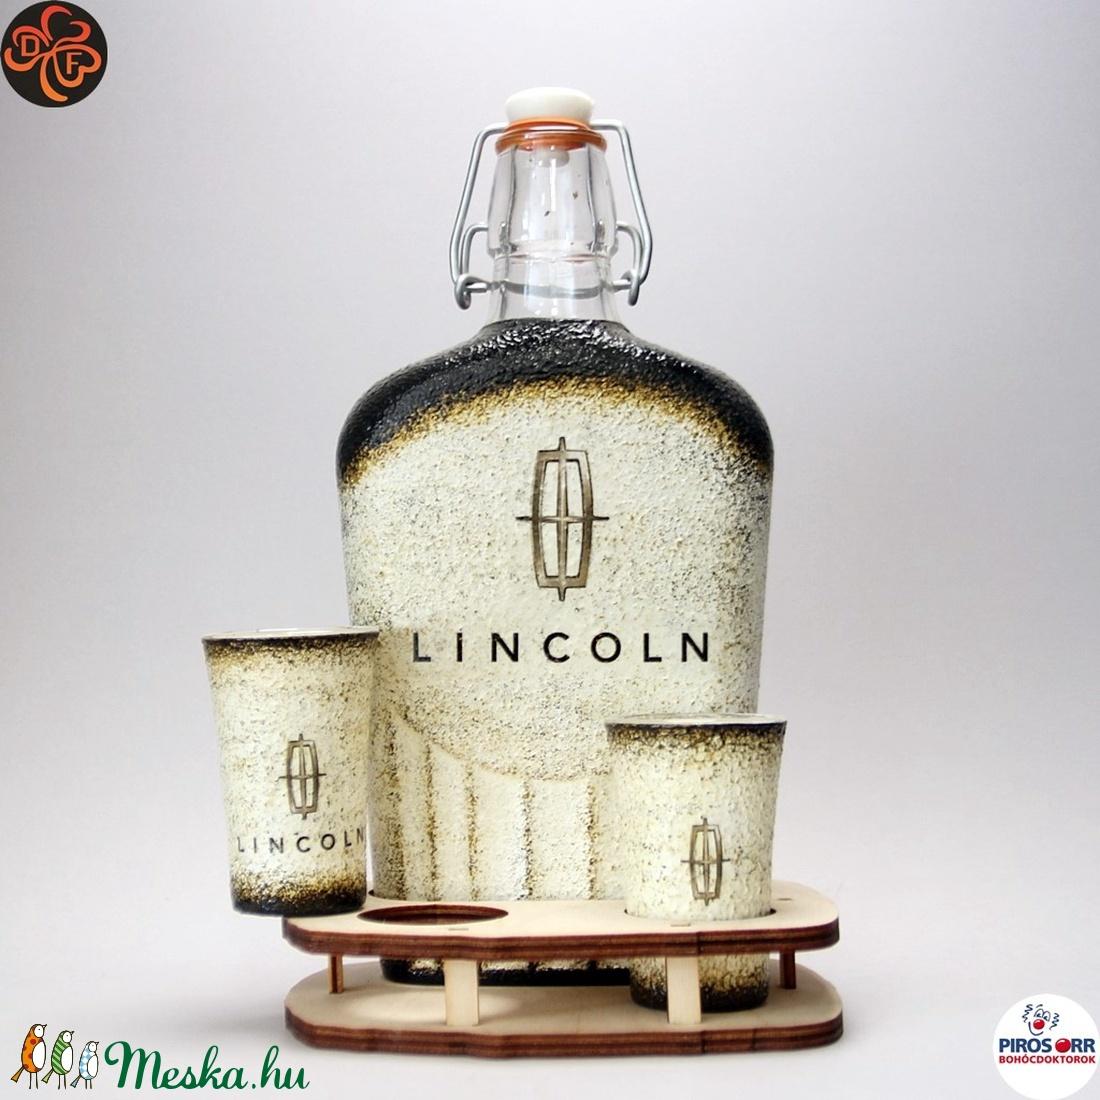 Lincoln emblémás italszett ; amerikai autó kedvelő férfiaknak (decorfantasy) - Meska.hu